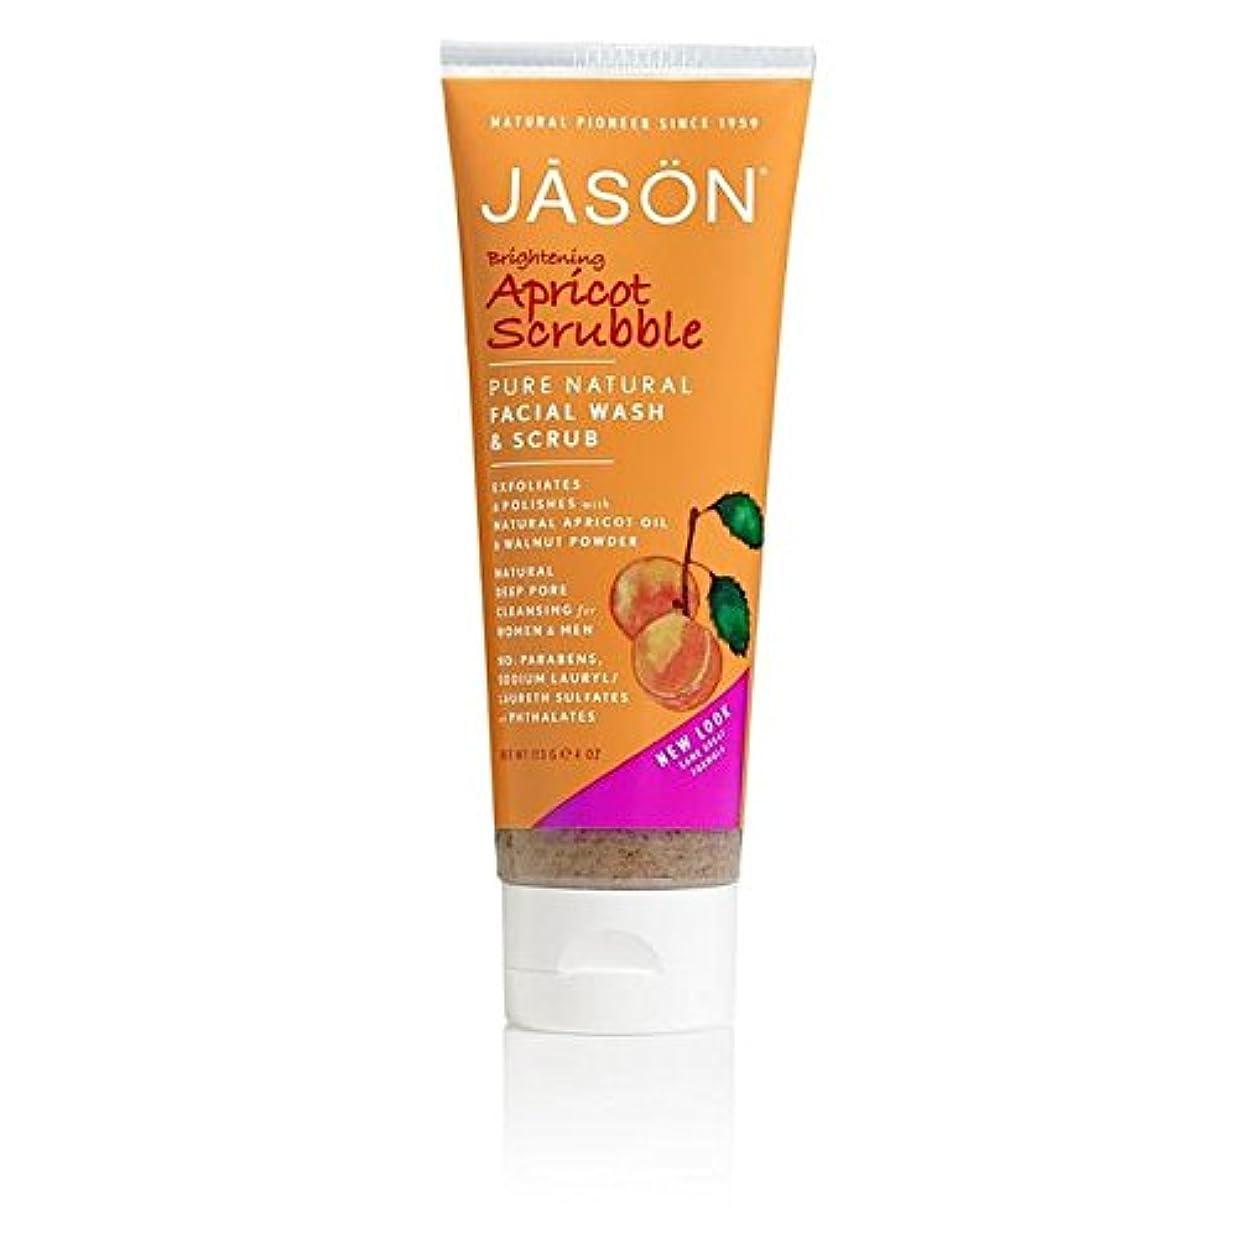 指香り音声ジェイソン?アプリコット洗顔&スクラブ128ミリリットル x4 - Jason Apricot Facial Wash & Scrub 128ml (Pack of 4) [並行輸入品]